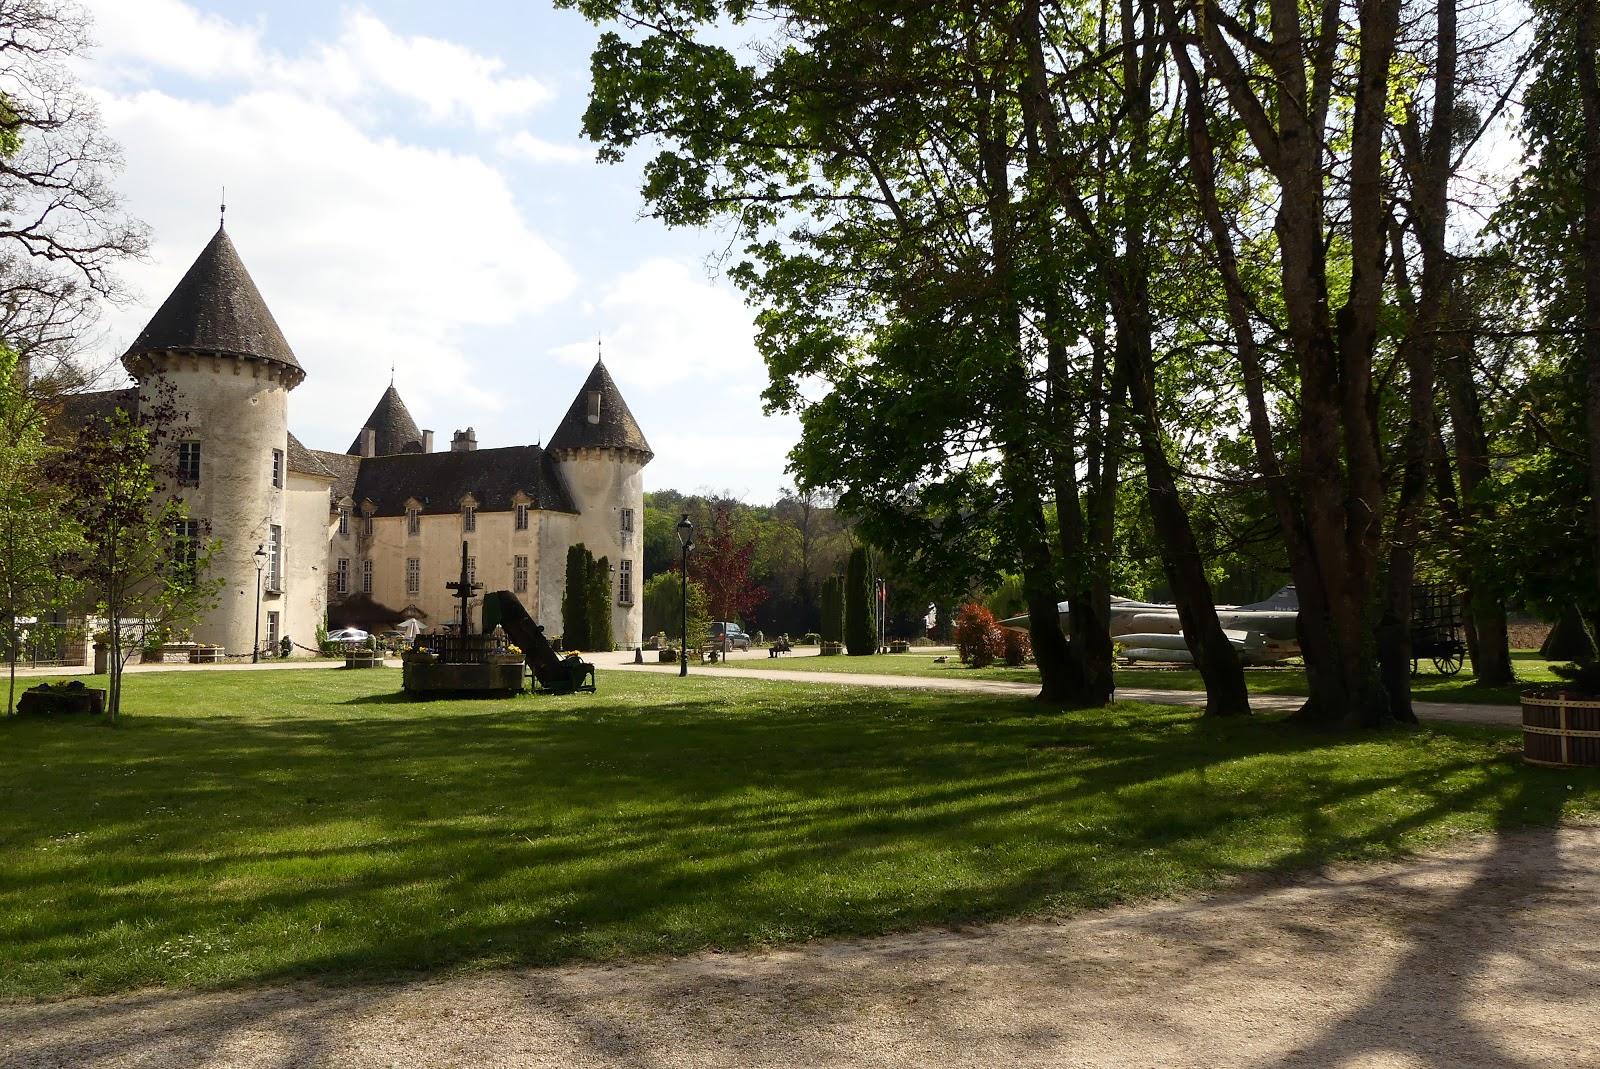 truffe et compagnie visite au chateau de savigny les beaune un lieu surprenant. Black Bedroom Furniture Sets. Home Design Ideas